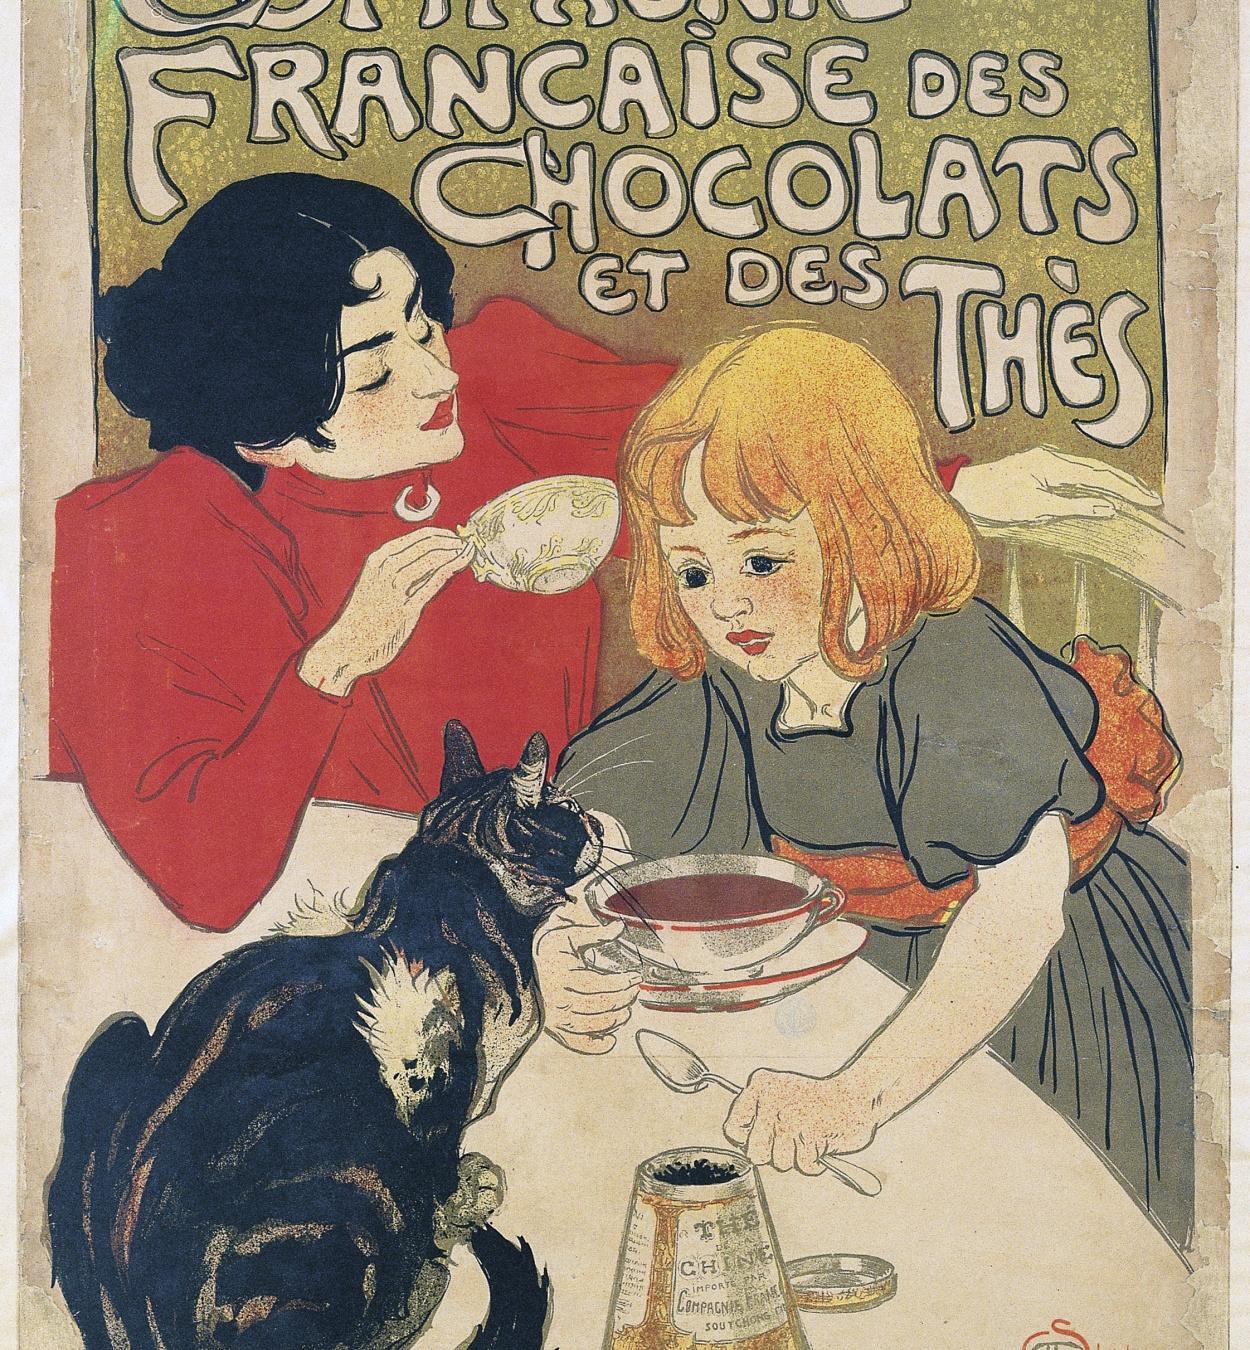 Théophile Alexandre Steinlen - Compagnie Francaise des Chocolats et des Thès - 1895